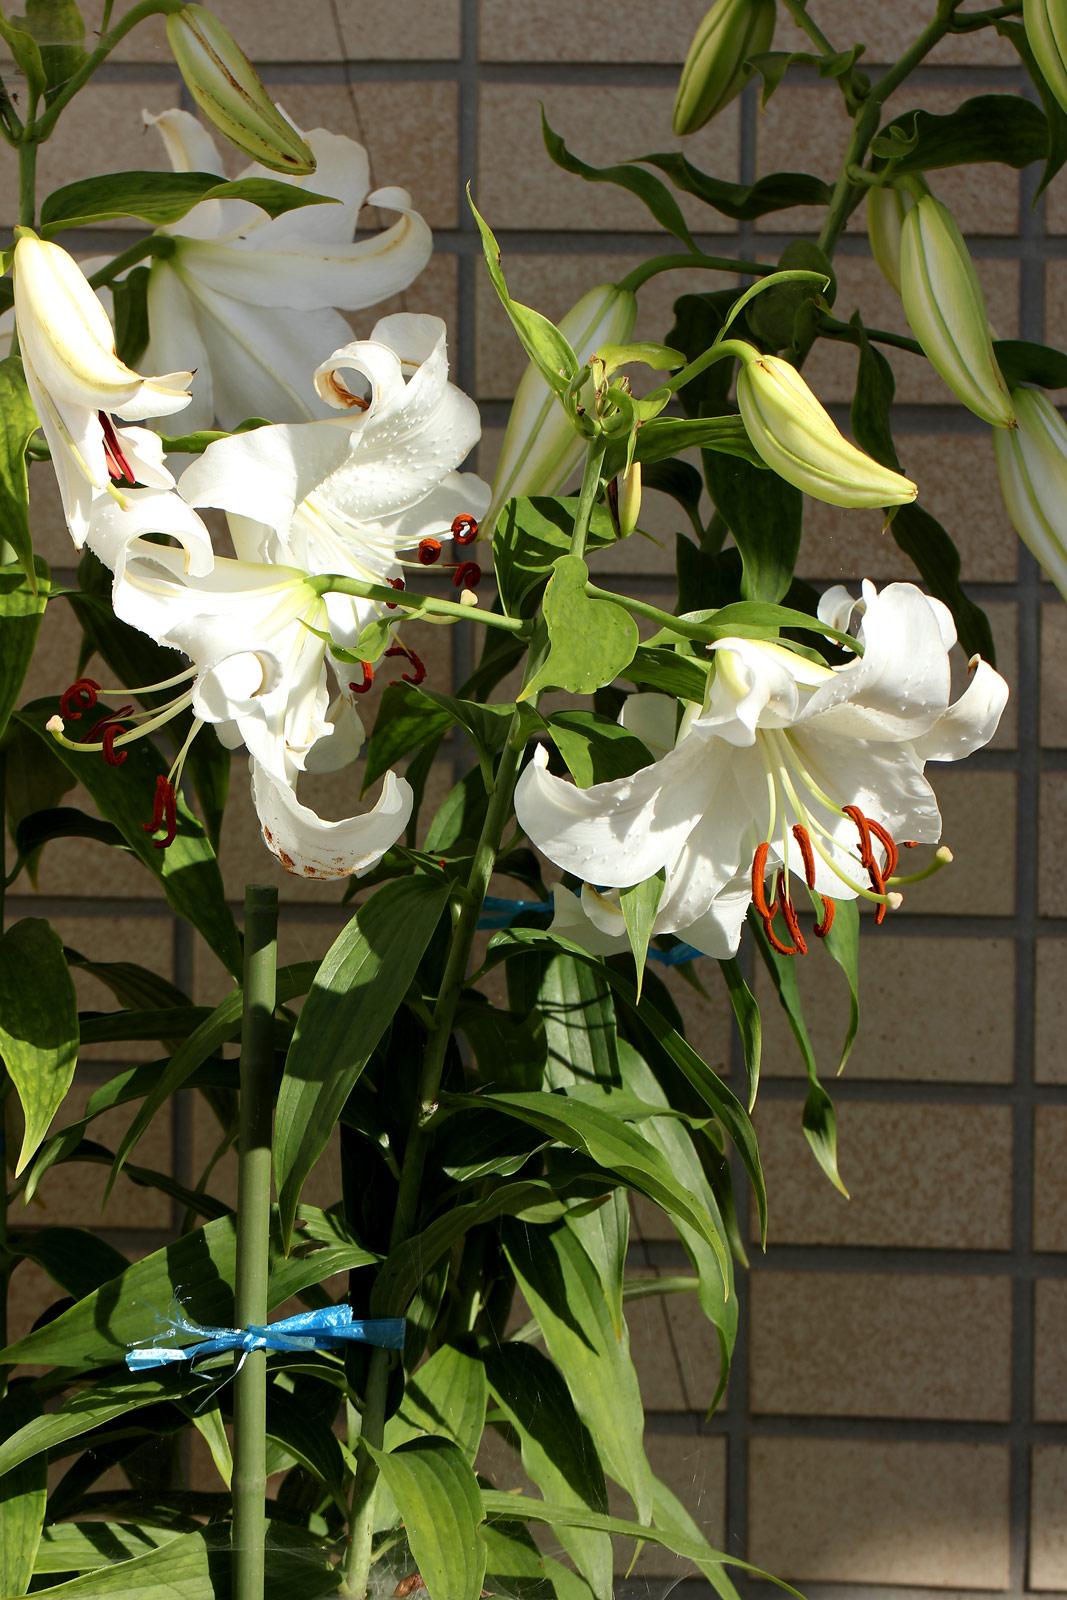 カサブランカ (植物)の画像 p1_37